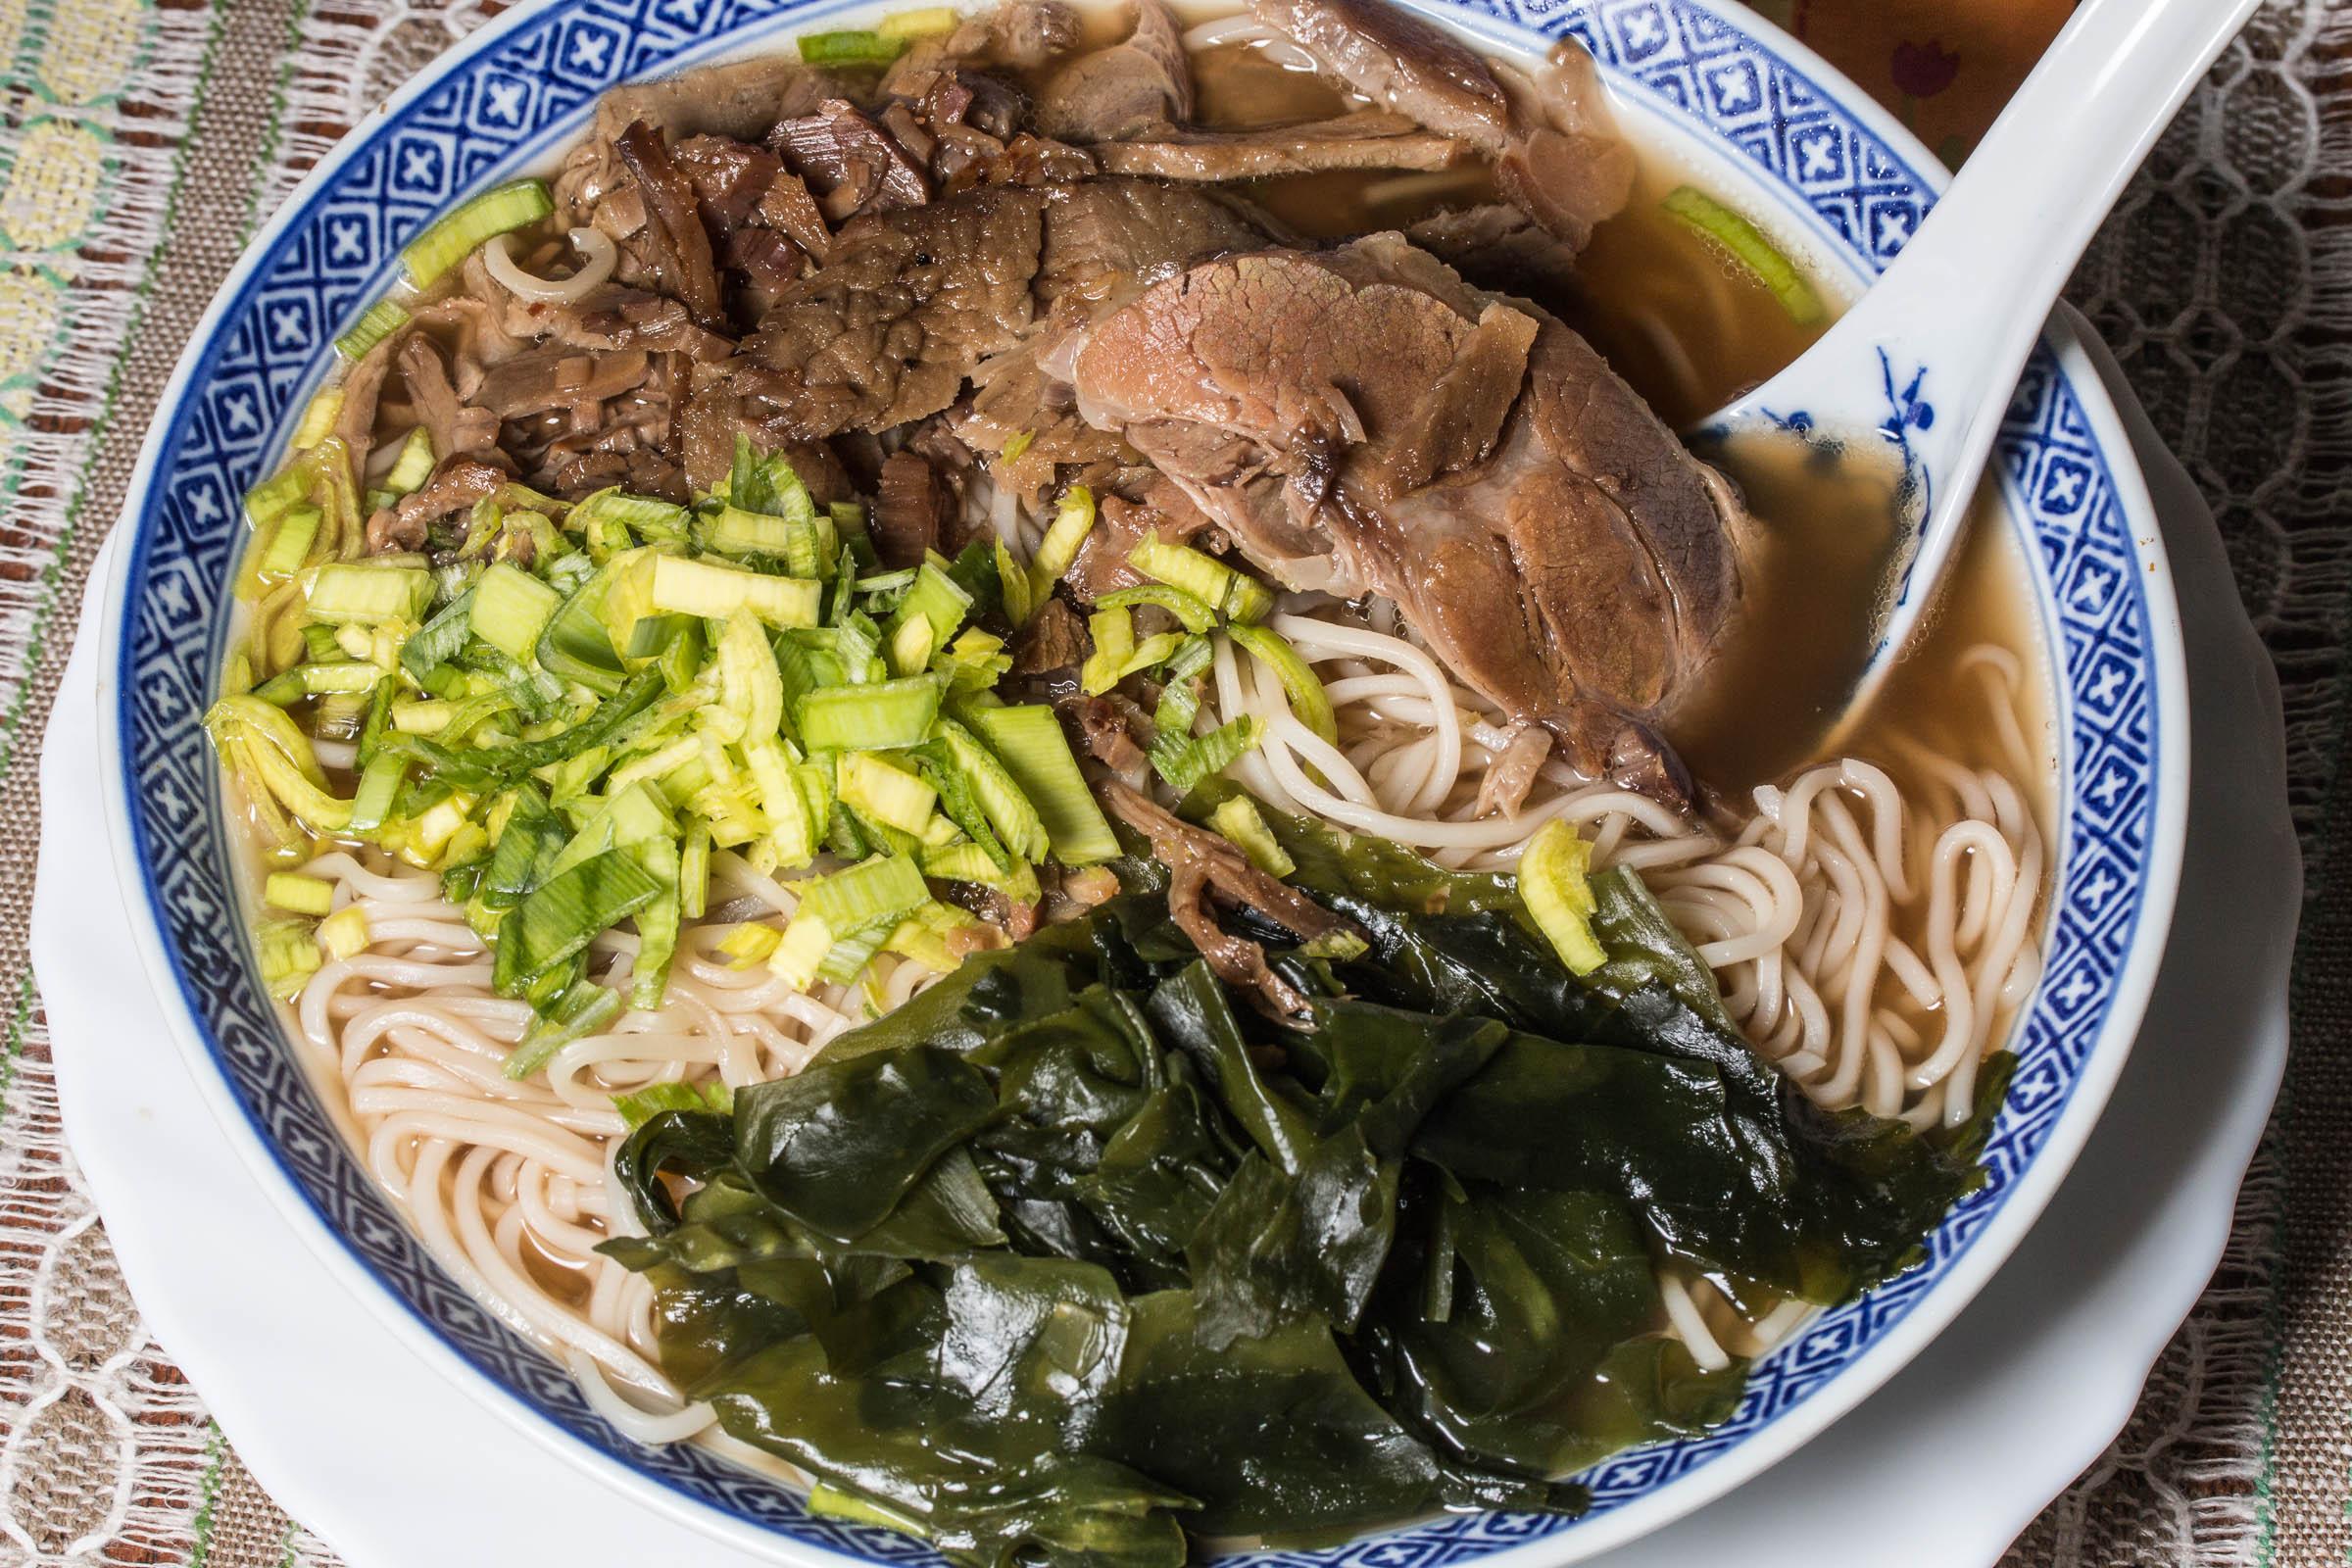 Chashu Ramen czyli popularny w Japonii makaron w rosole z mięsem